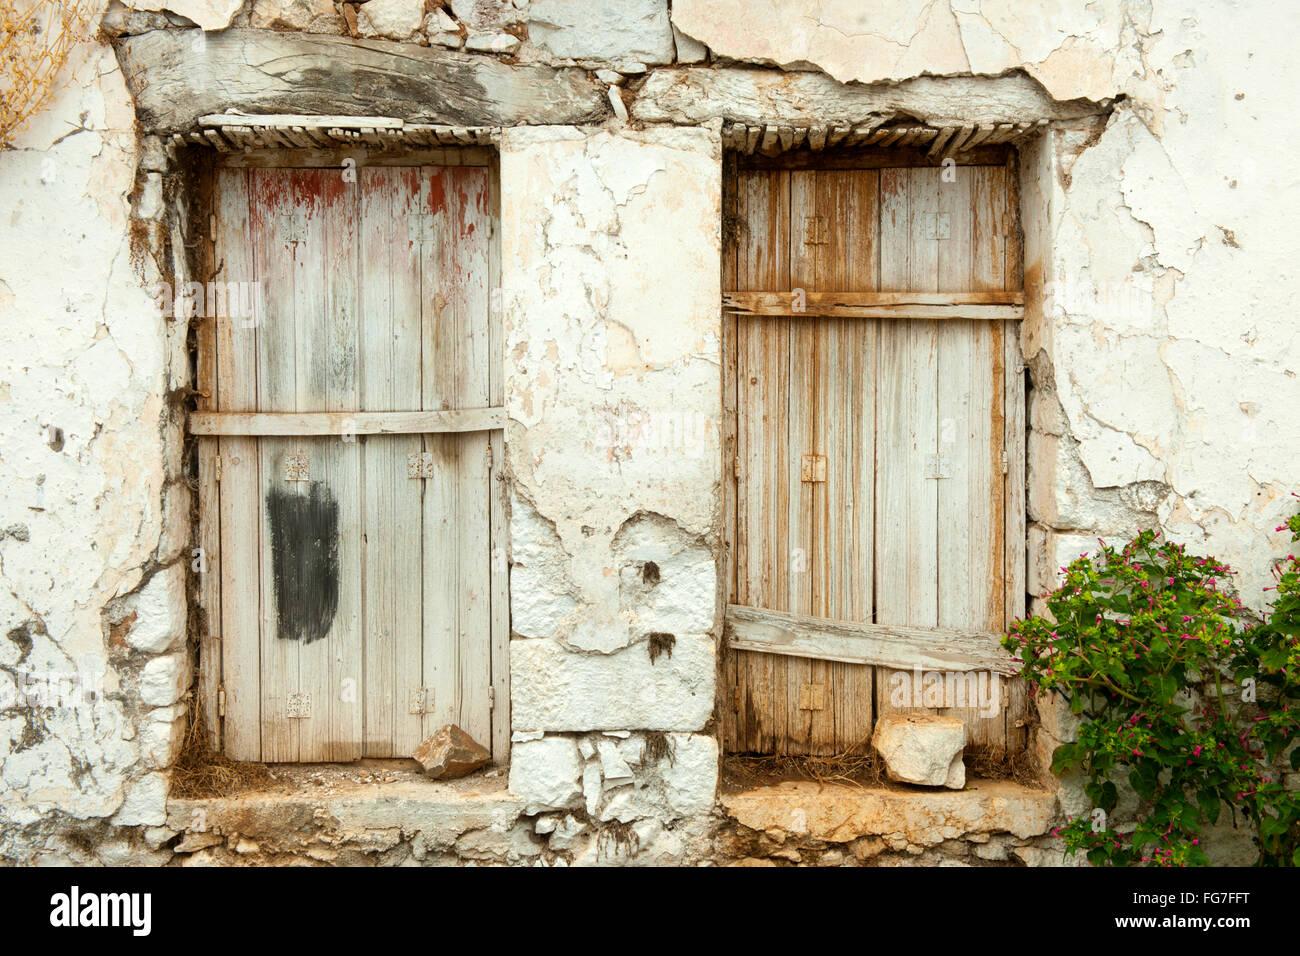 Griechenland, Kreta, Fourni nördlich von Neapoli, altes Dorfhaus - Stock Image